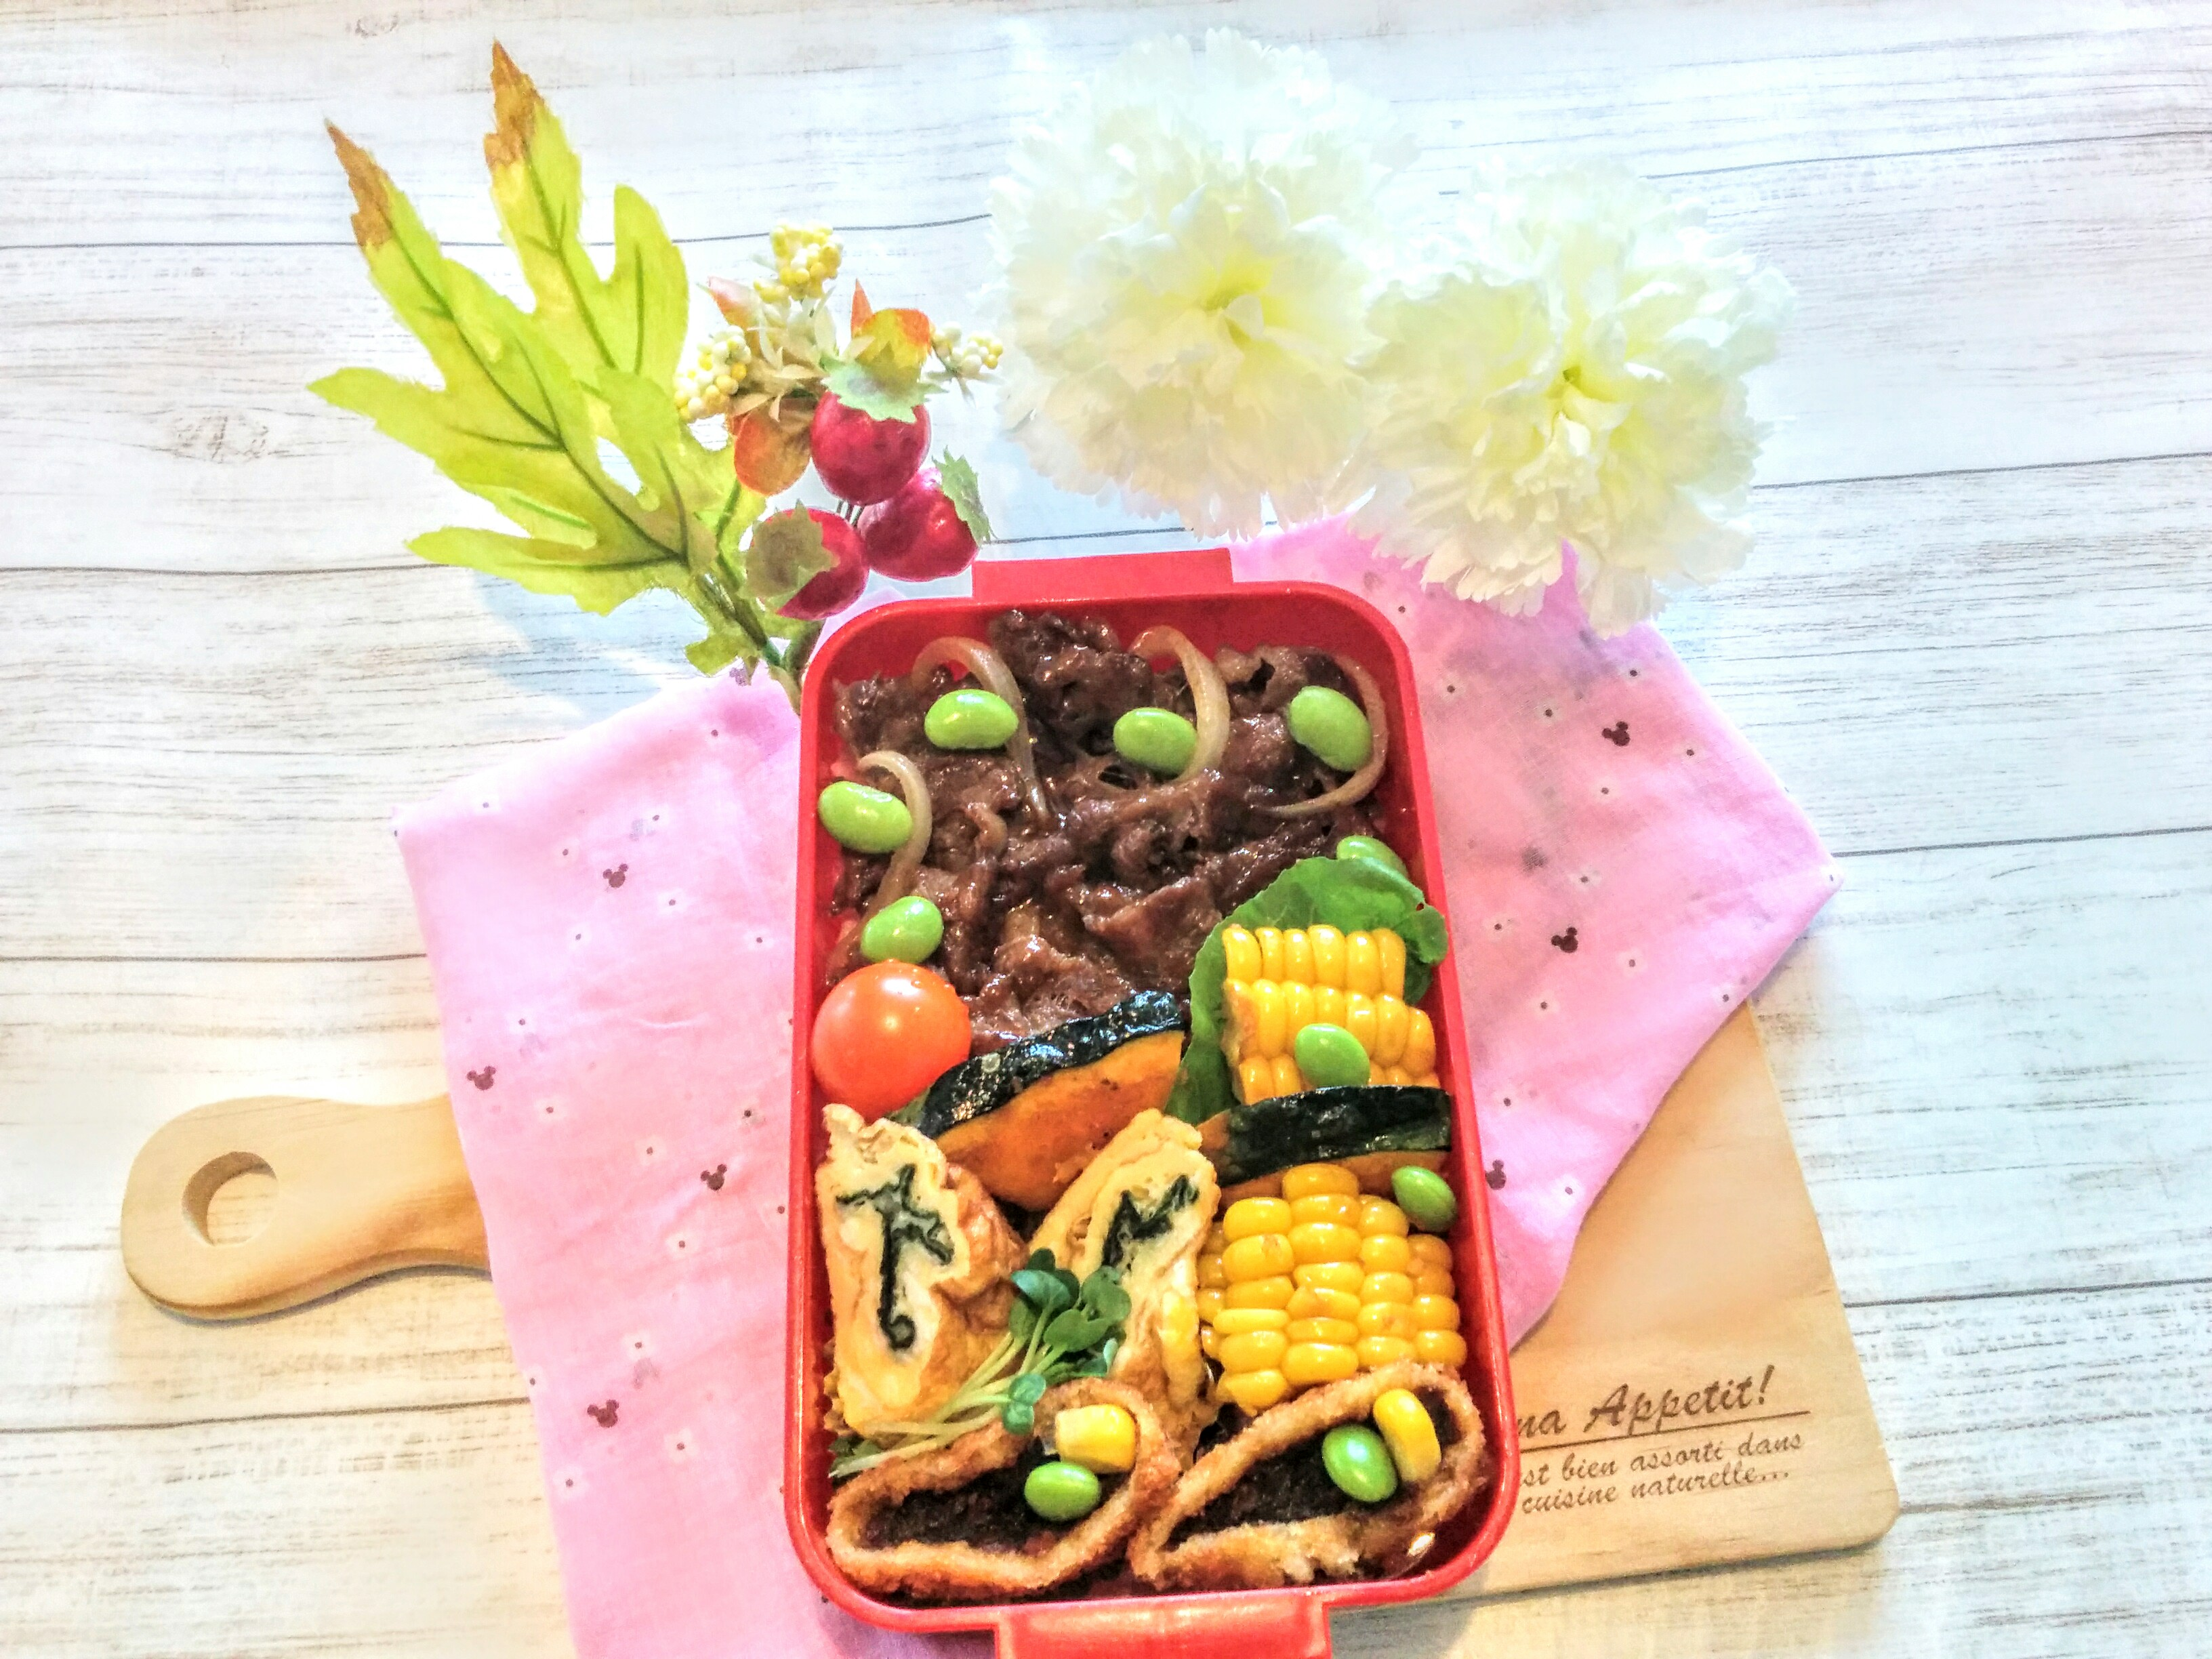 【小樽】娘の今日のお弁当・牛照り焼き丼弁当グルメ案内です。